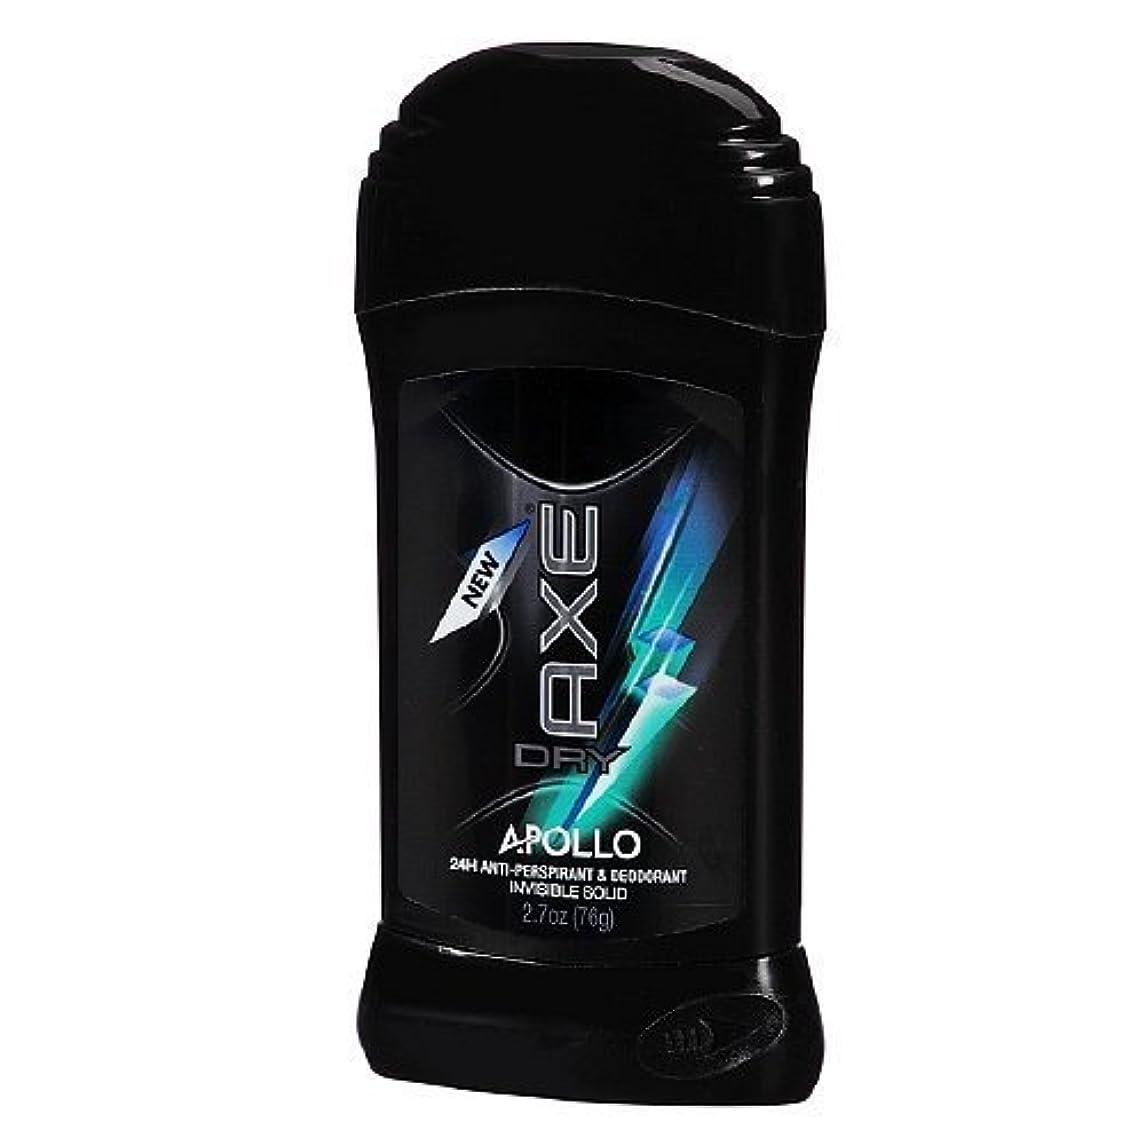 お手伝いさん費やす話をするAxe Dry Antiperspirant Deodorant - Apollo - Invisible Solid - Net Wt. 2.7 OZ Each - Pack of 3 by Unilever [並行輸入品]